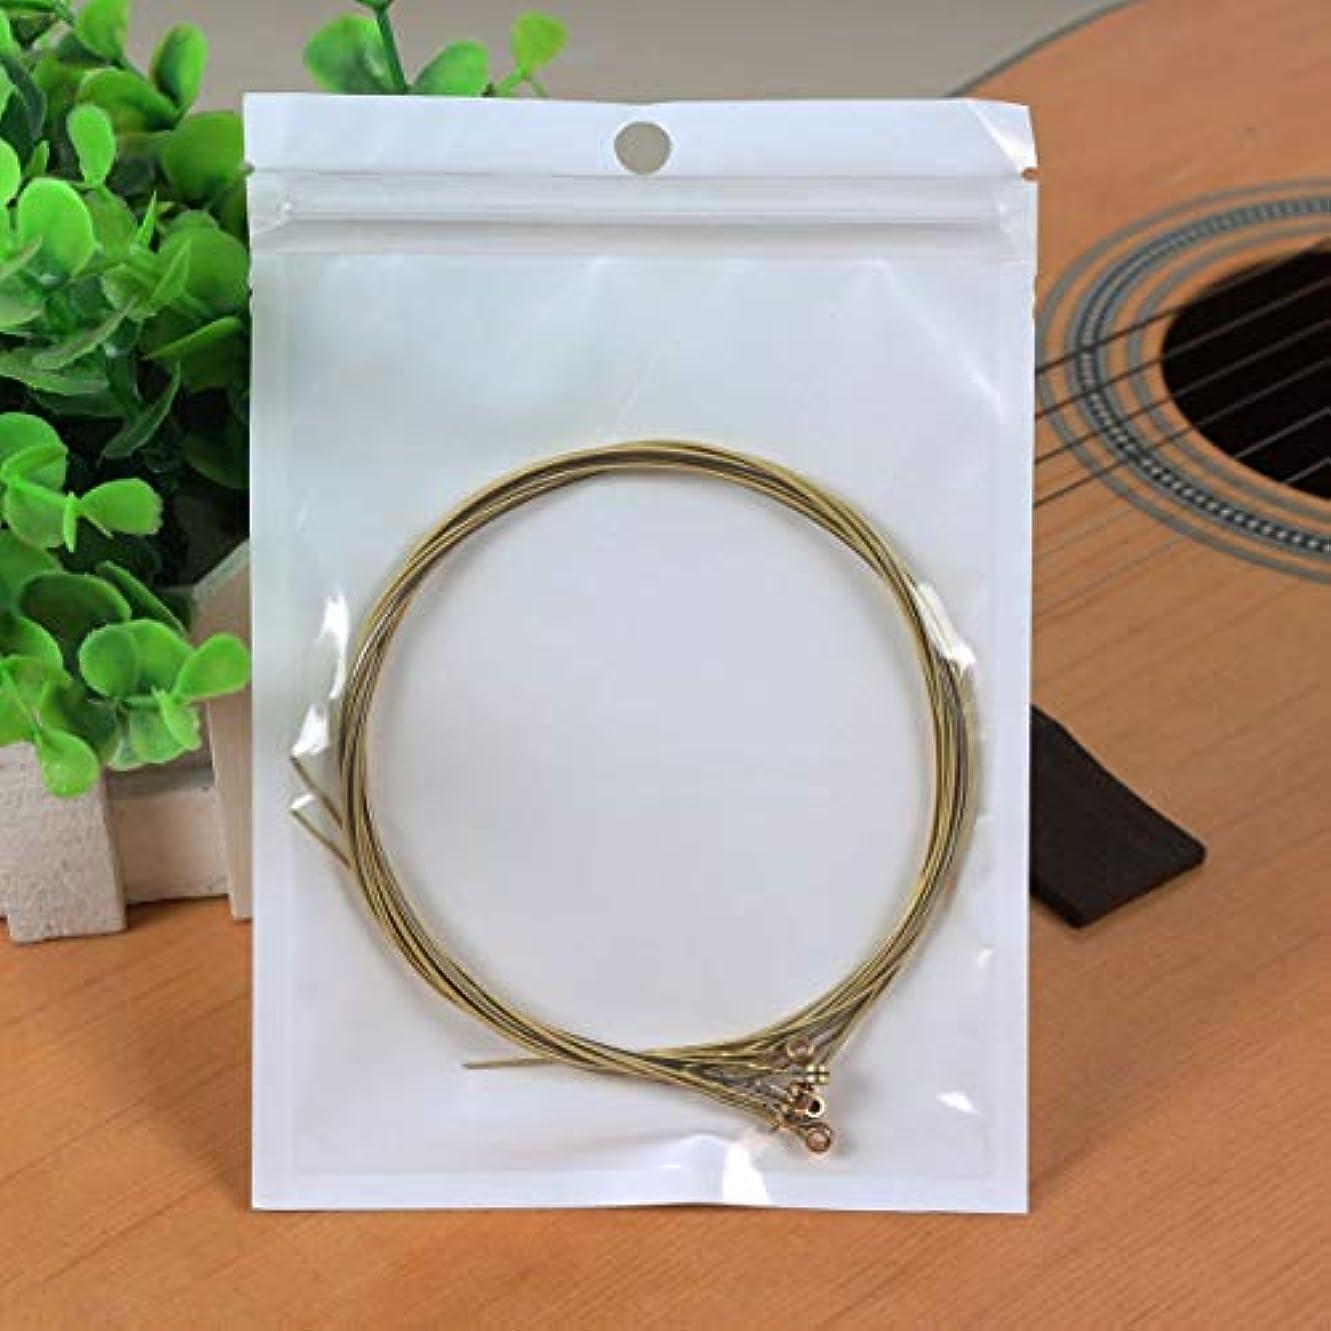 過敏なマスク視力耐久性のあるニッケルメッキスチールギター弦アコースティックフォークギター用のカラフルなギター弦クラシックギター-ホワイト